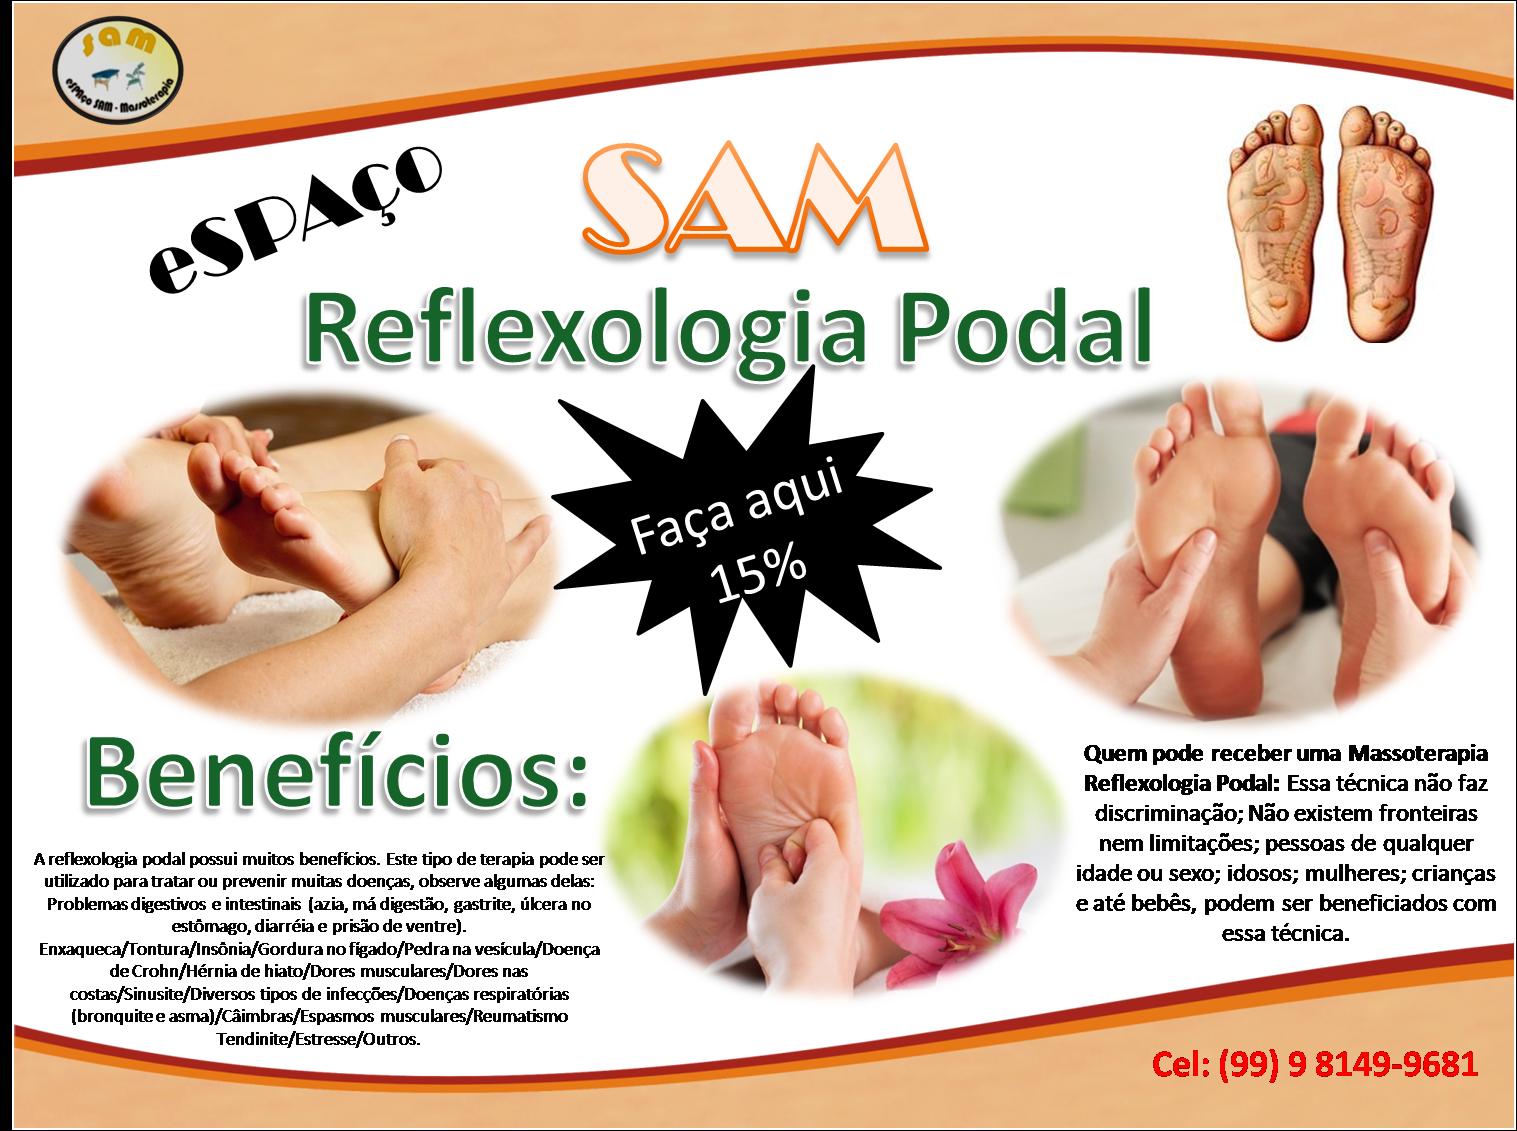 Marque já uma massagem reflexologia potal